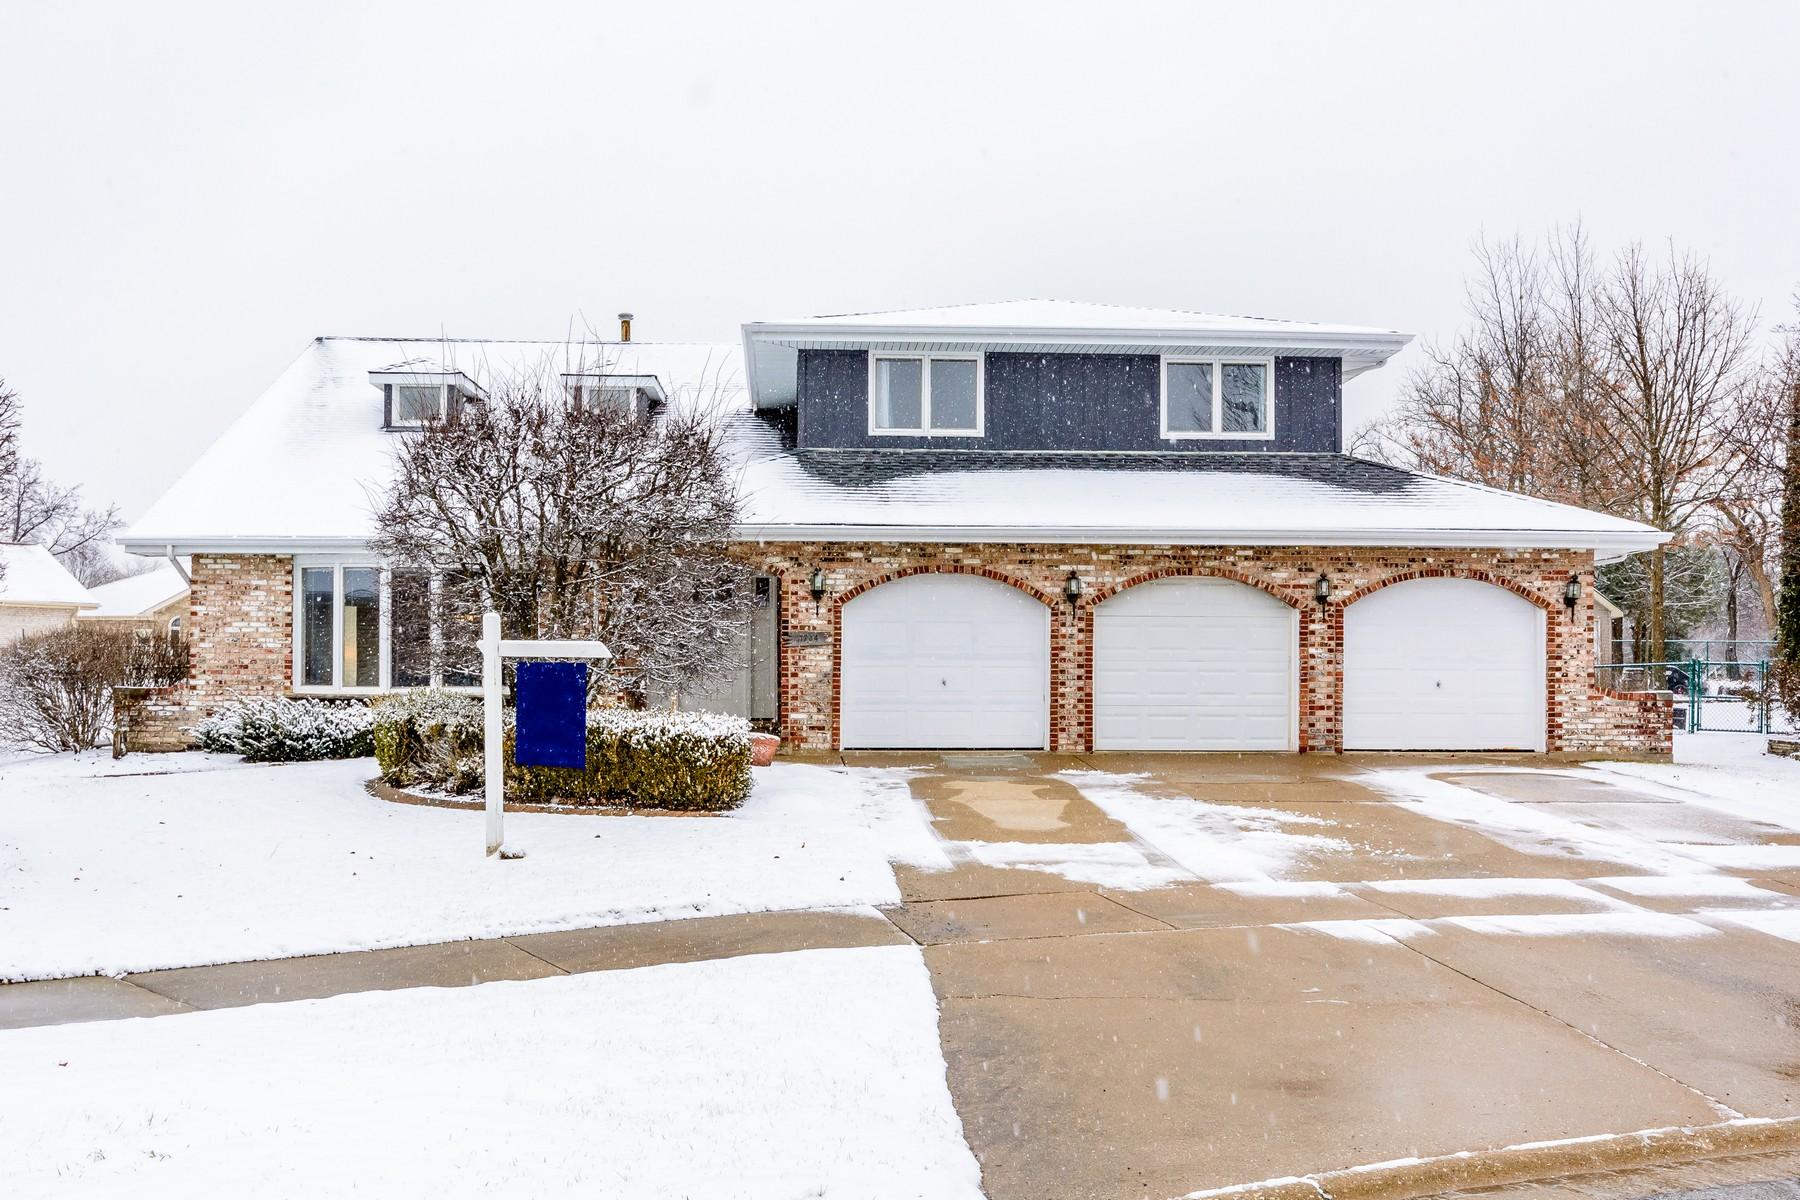 Maison unifamiliale pour l Vente à Beautiful Cul-de-sac Home 11734 Ballinary Court Orland Park, Illinois, 60467 États-Unis